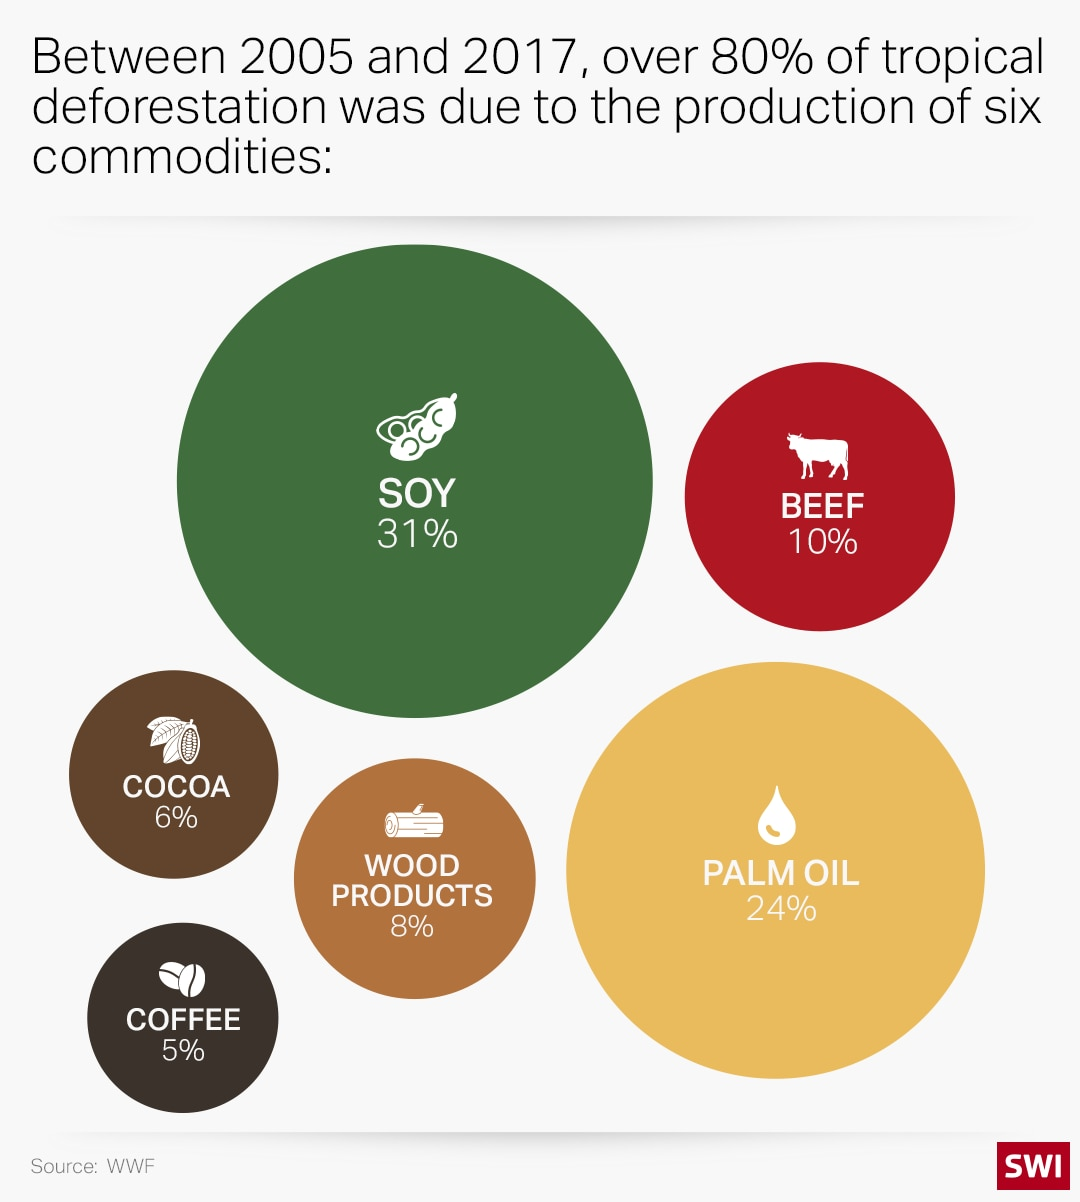 gráfico de estadísticas de deforestación